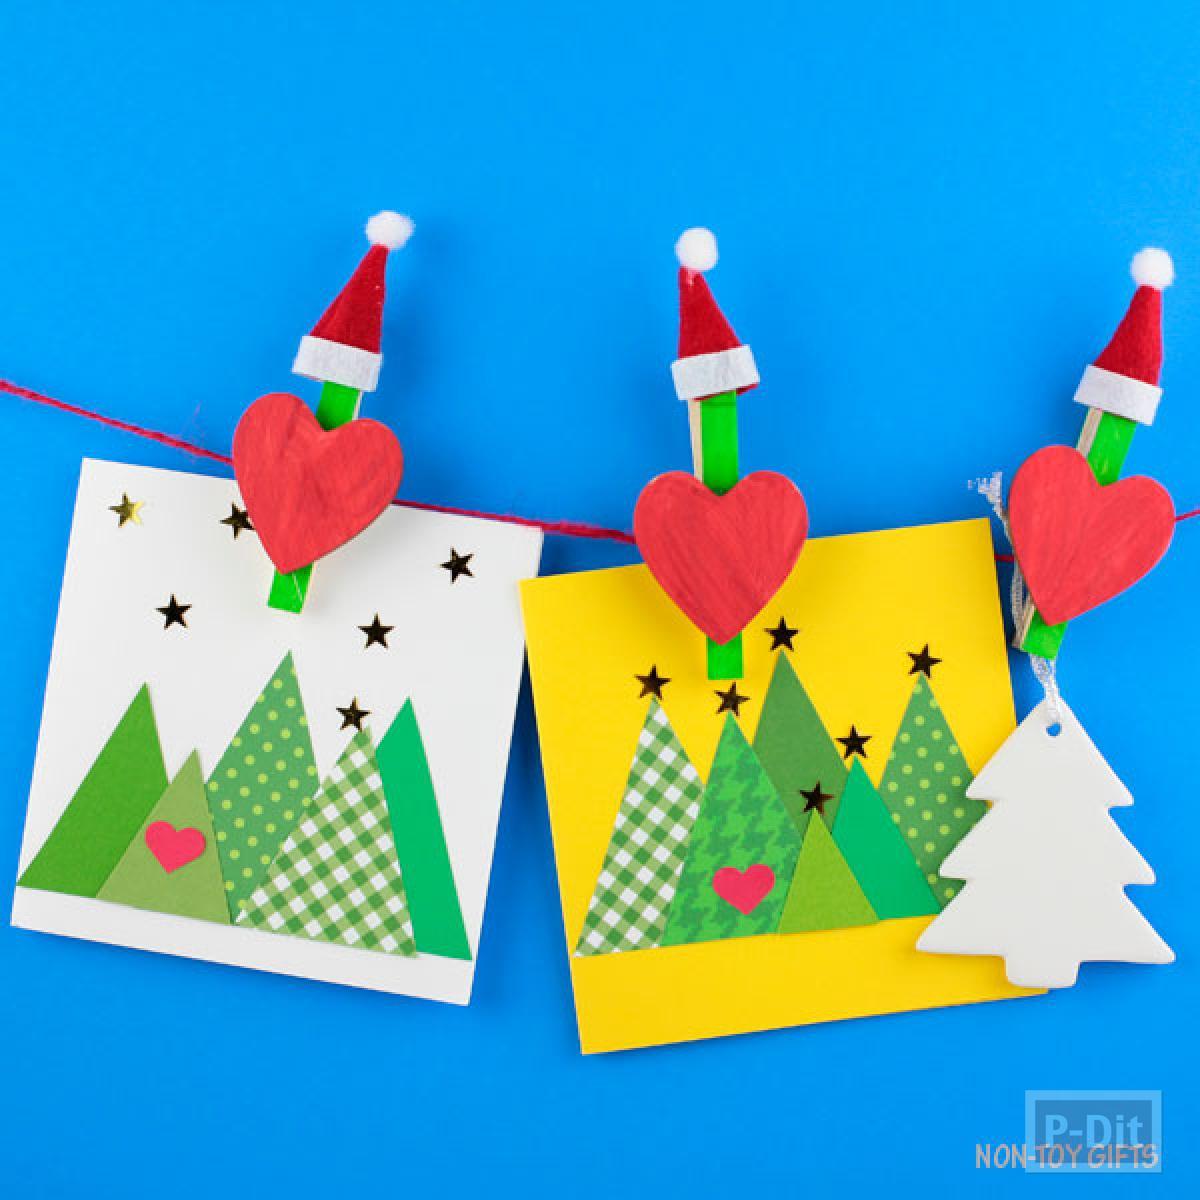 ตกแต่งไม้หนีบผ้า ประดับงานวันปีใหม่-คริสต์มาส